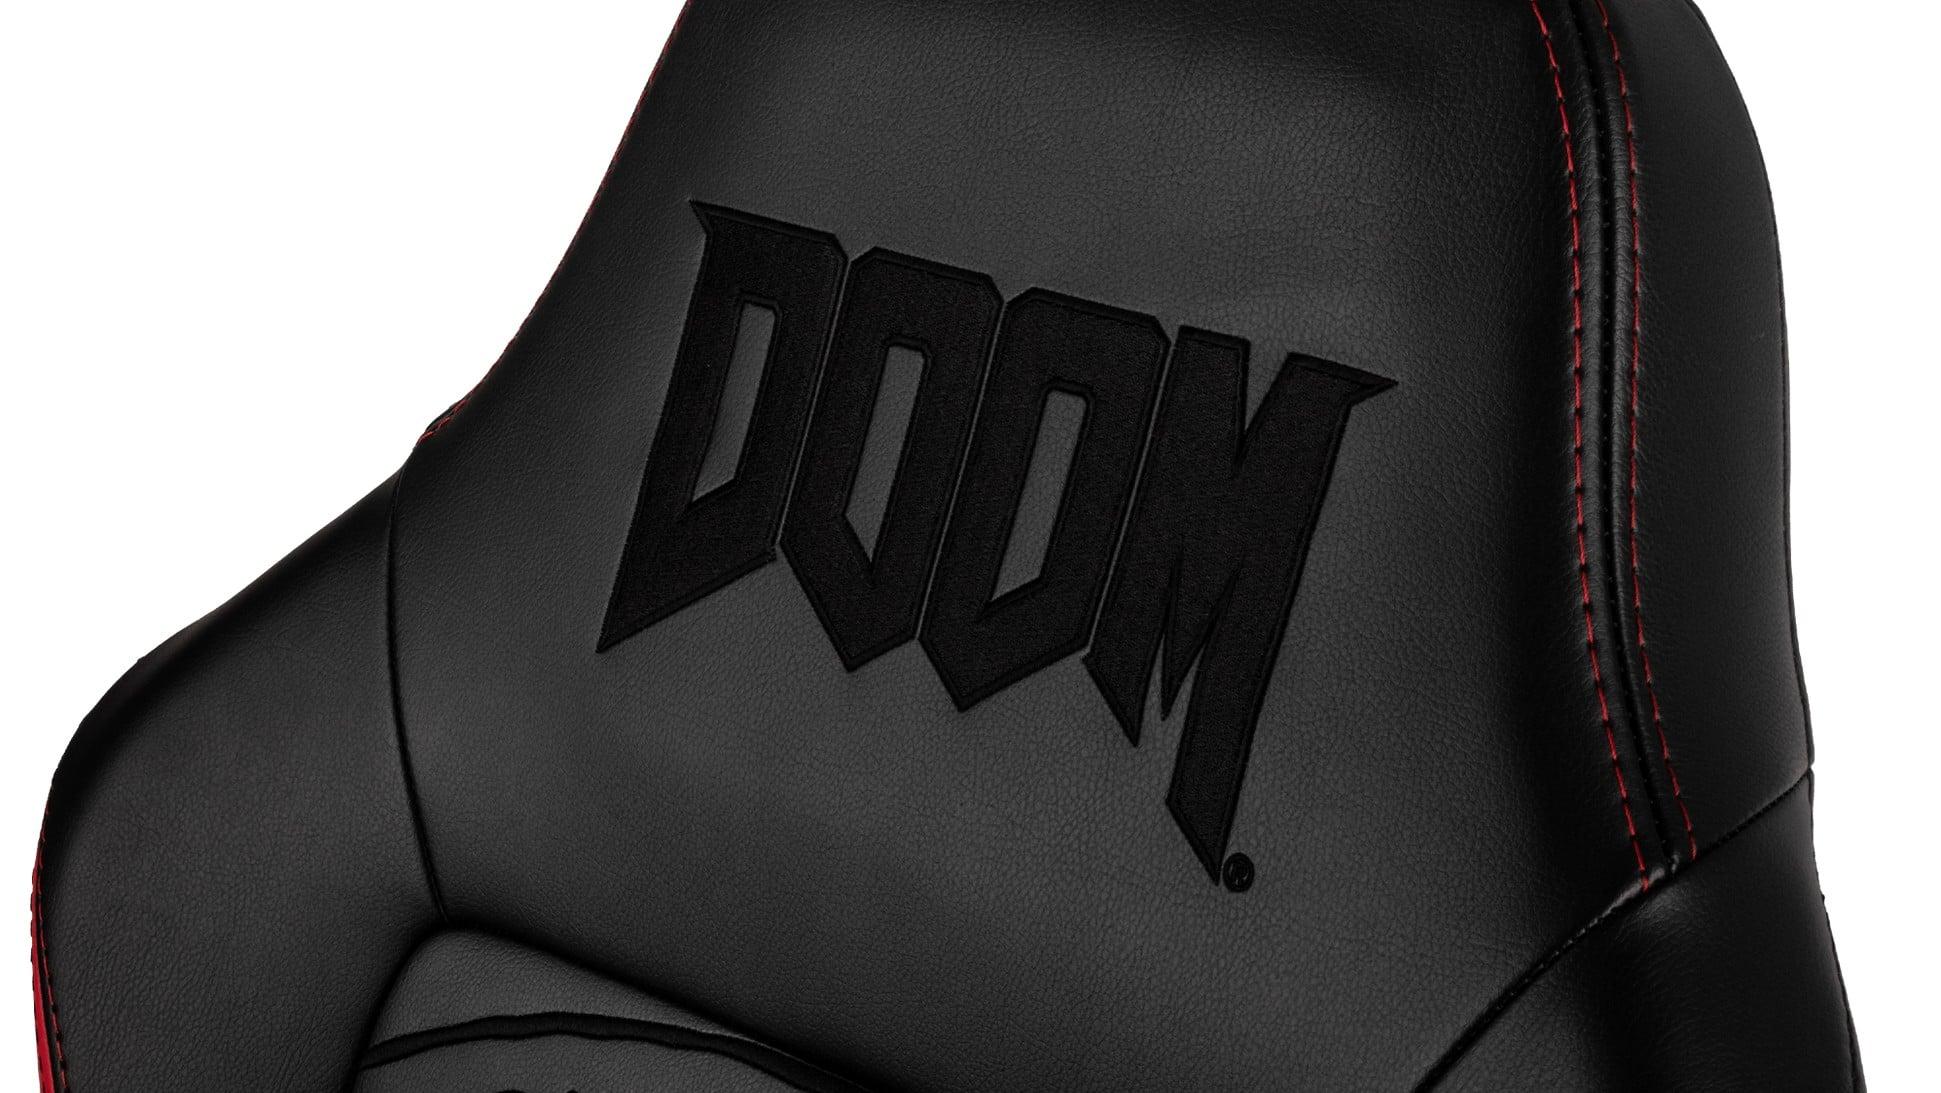 Schickt sieht der Hero in der Doom Edition aus. (Foto: Noblechairs)